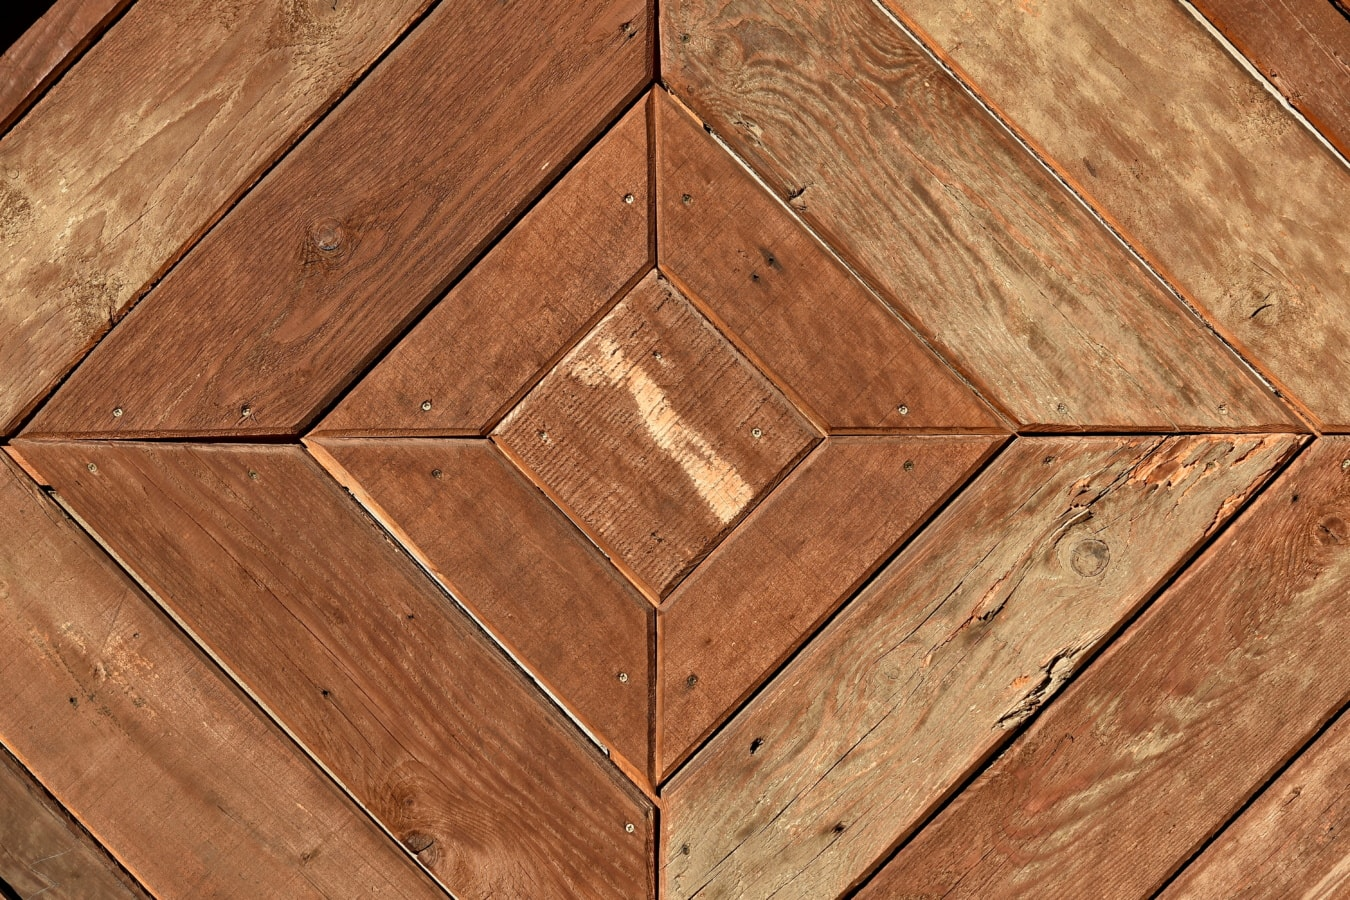 conception, place, cadre, menuiserie, bois franc, brun, Retro, bois, Rough, matériel